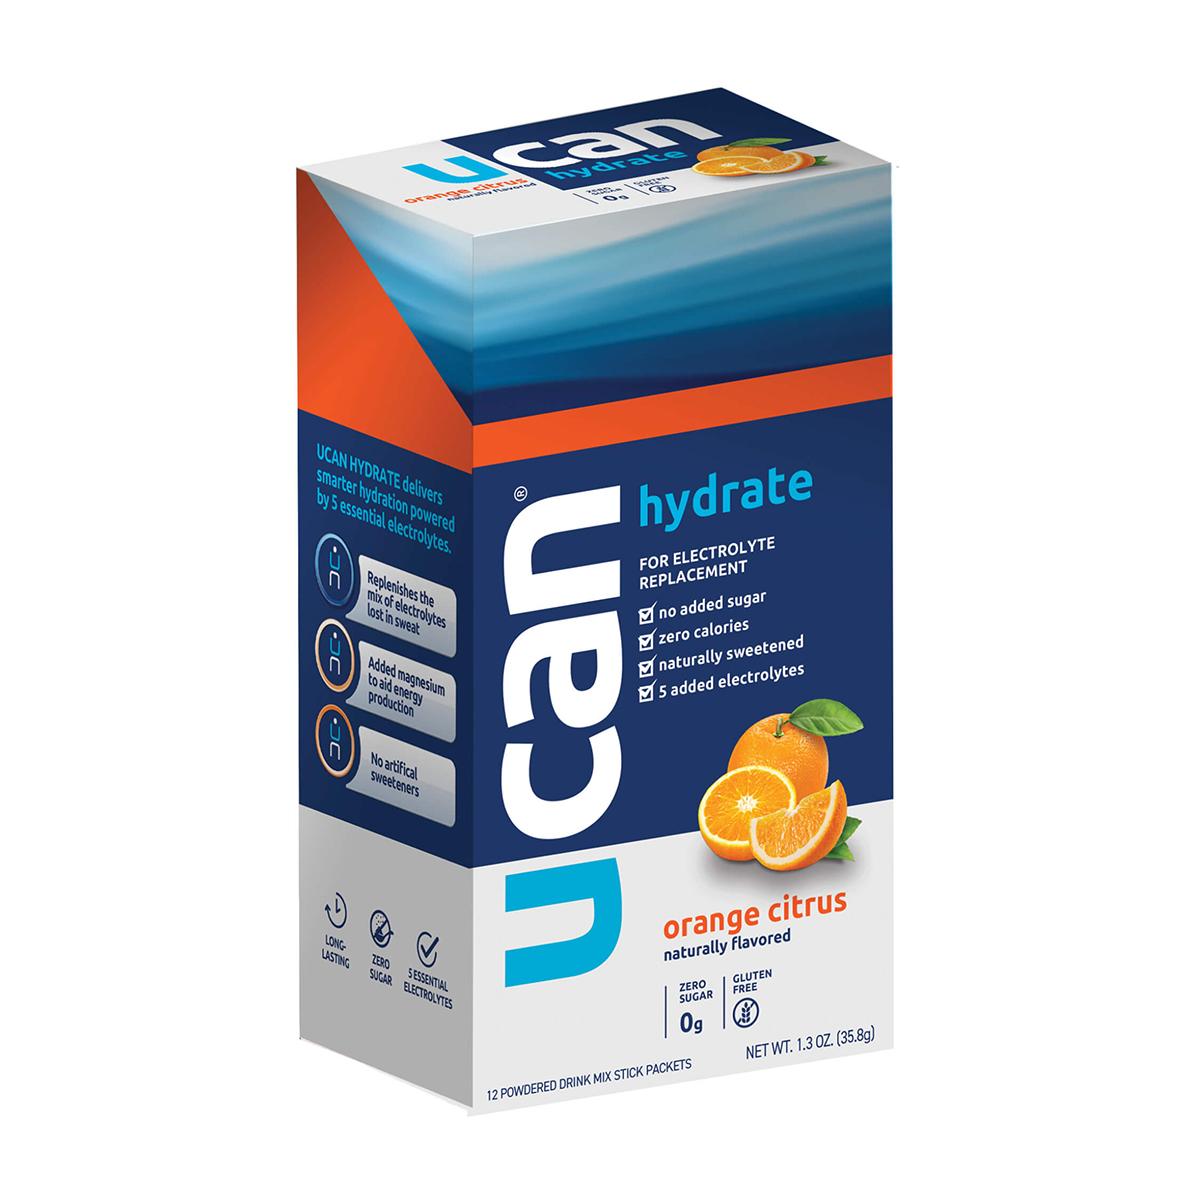 Ucan Hydrate - FlavorOrange Citrus, Orange Citrus, large, image 3